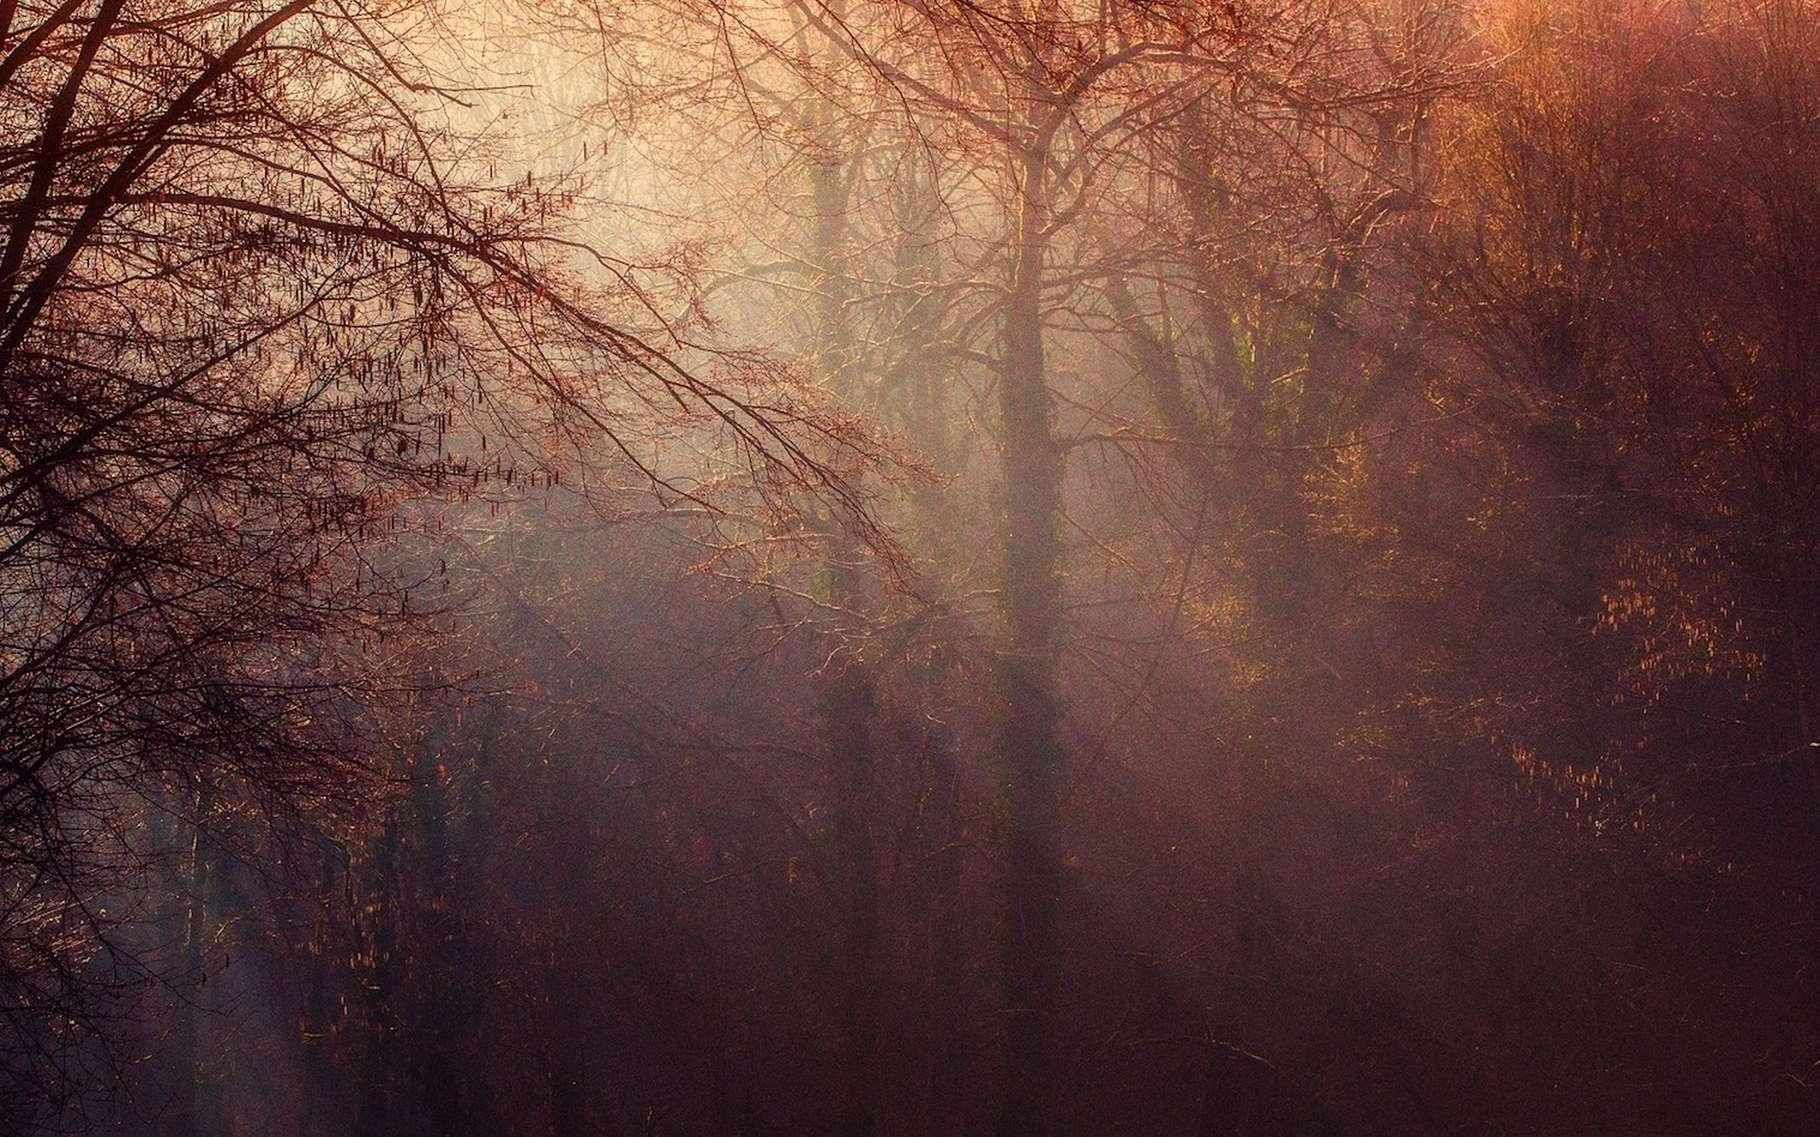 La lumière se comporte tantôt comme une onde, tantôt comme un ensemble de corpuscules. © damesophie, Pixabay, DP